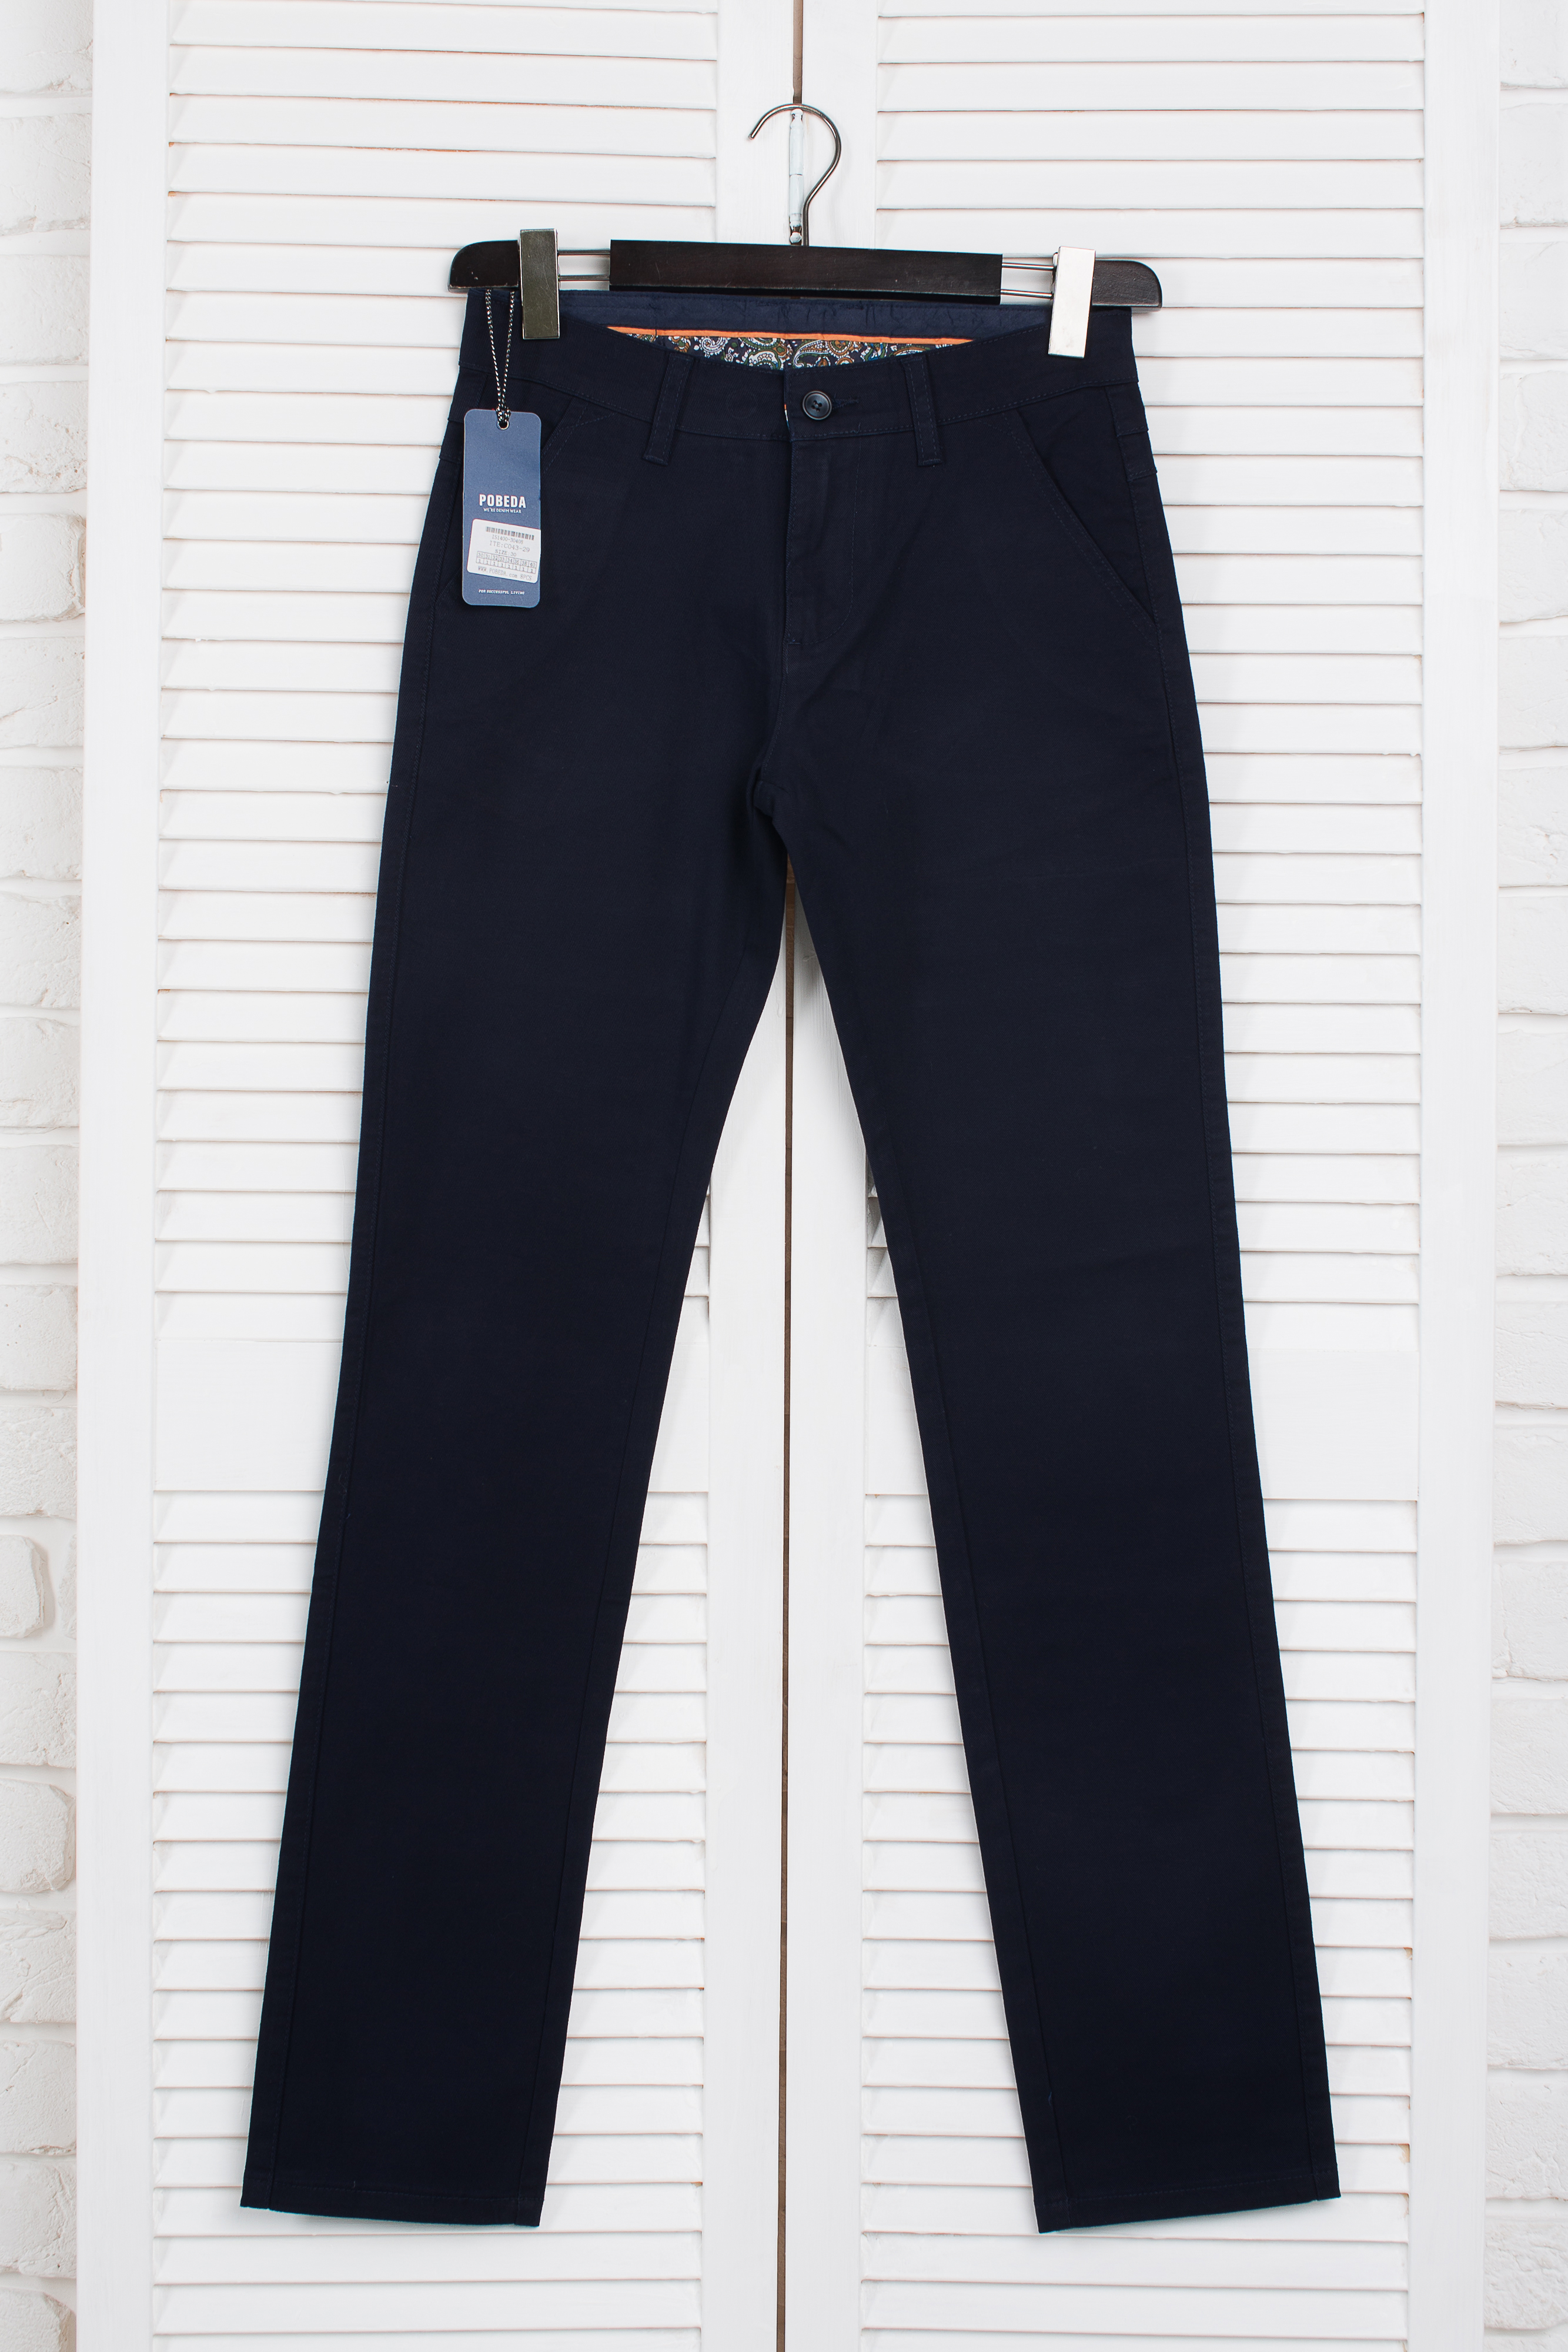 jeans_pobeda_043-29